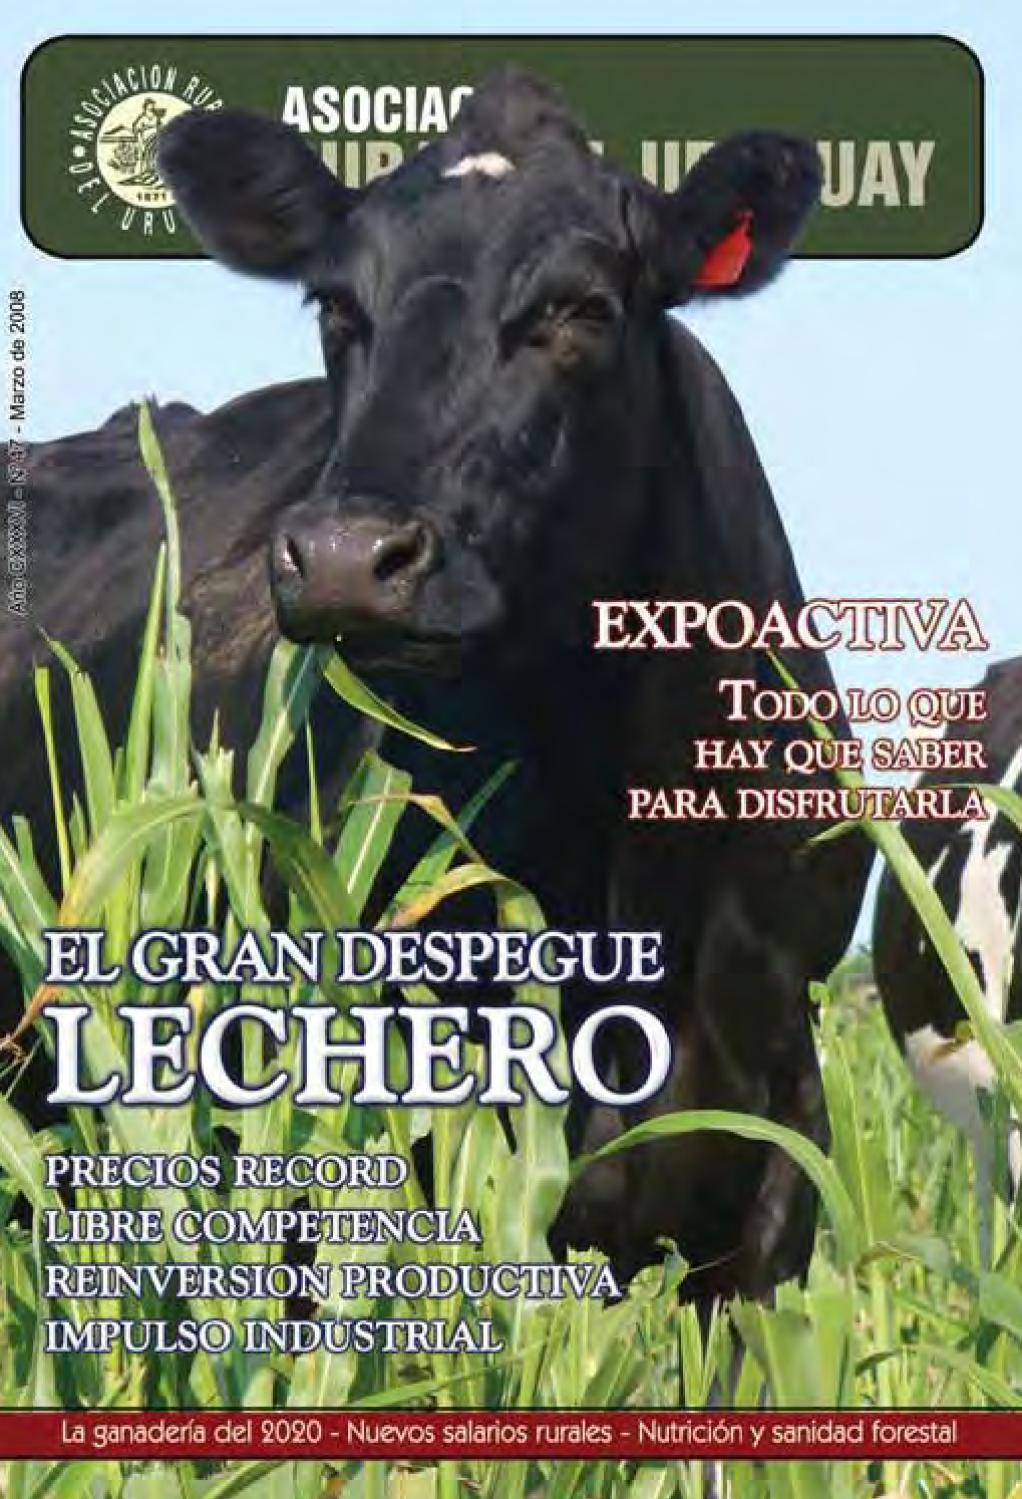 Revista ARU - Marzo 2008 by Duplex Comunicación - issuu